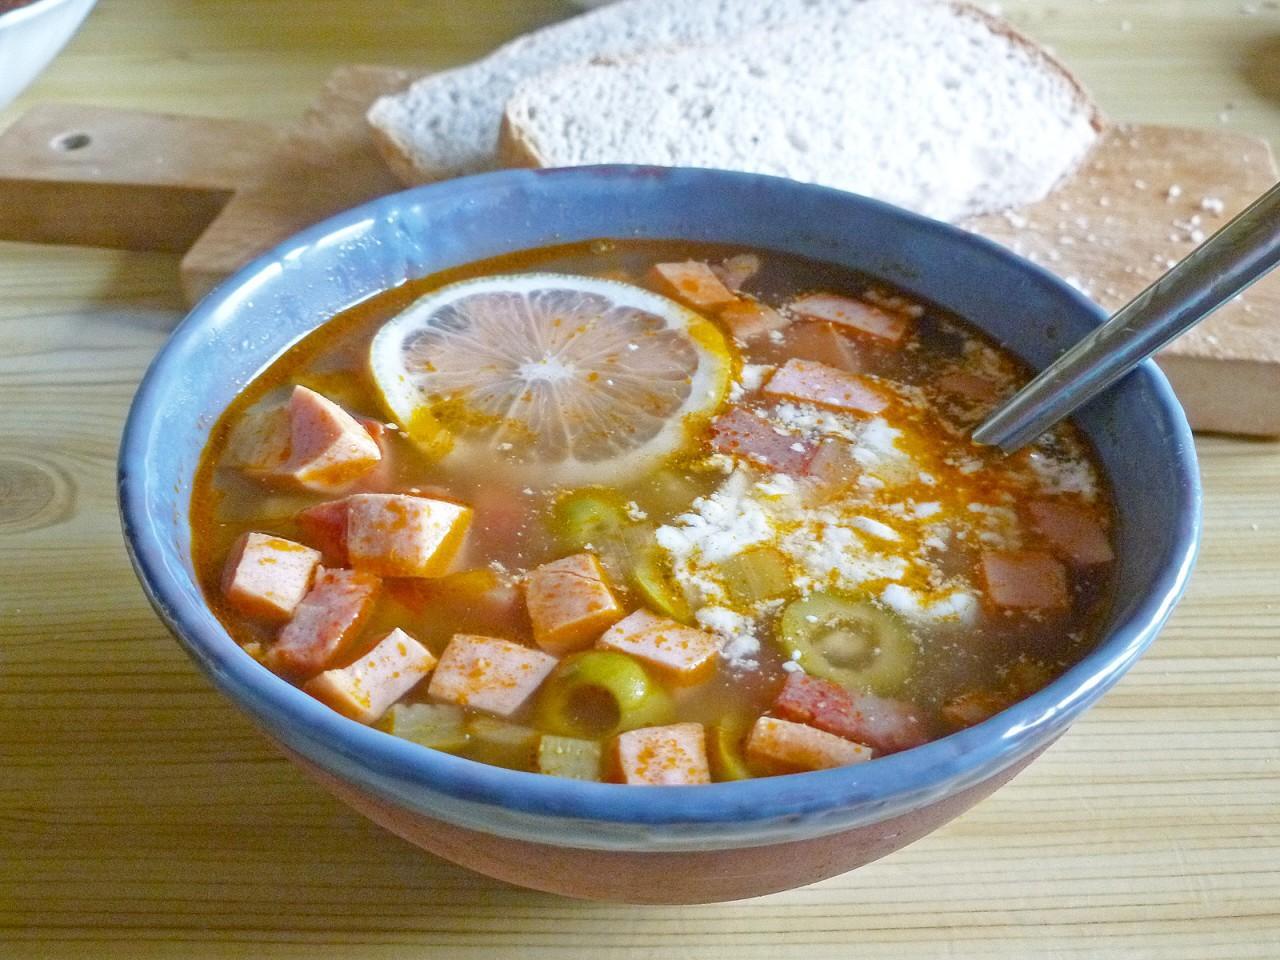 суп солянка рецепт классический пошаговый рецепт с фото